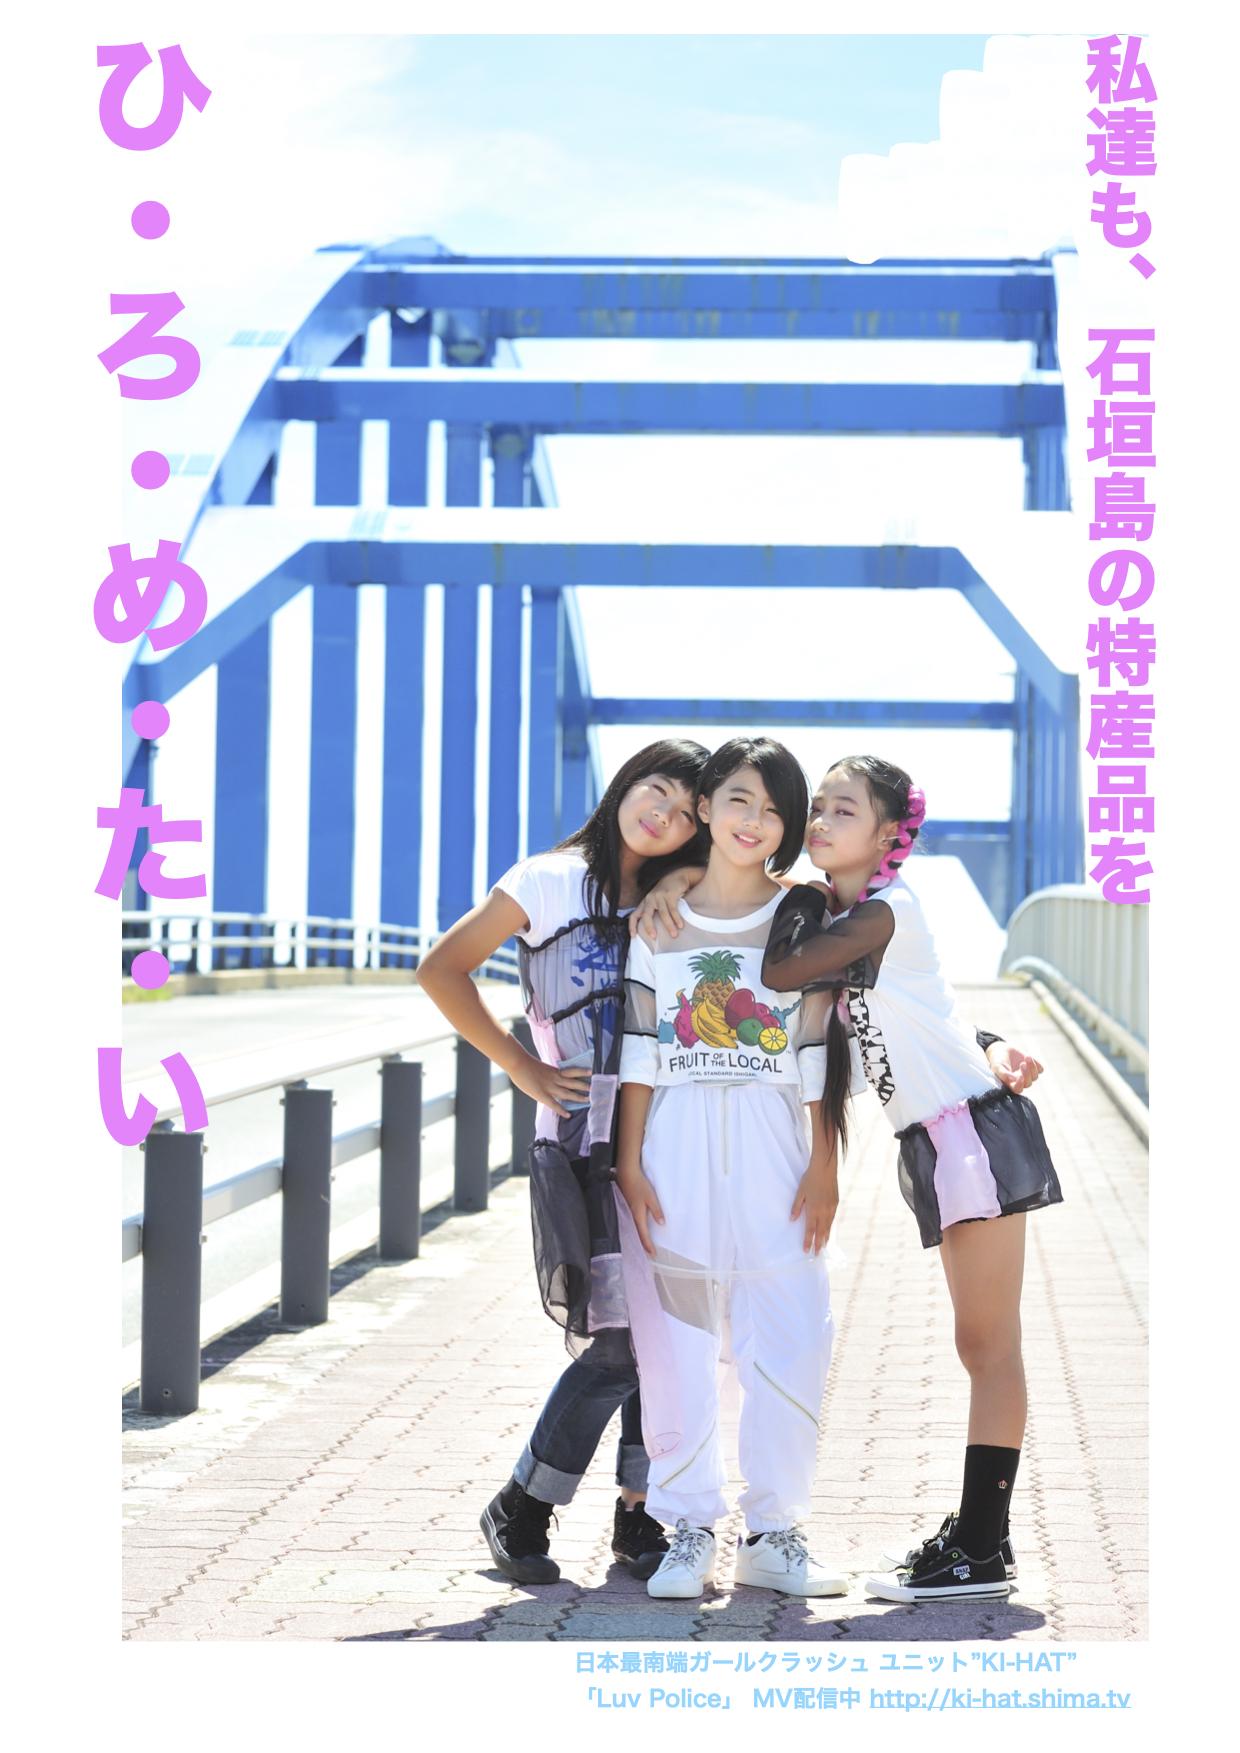 日本最南端ガールクラッシュユニットKI-HAT「Luv Police」MV配信中!